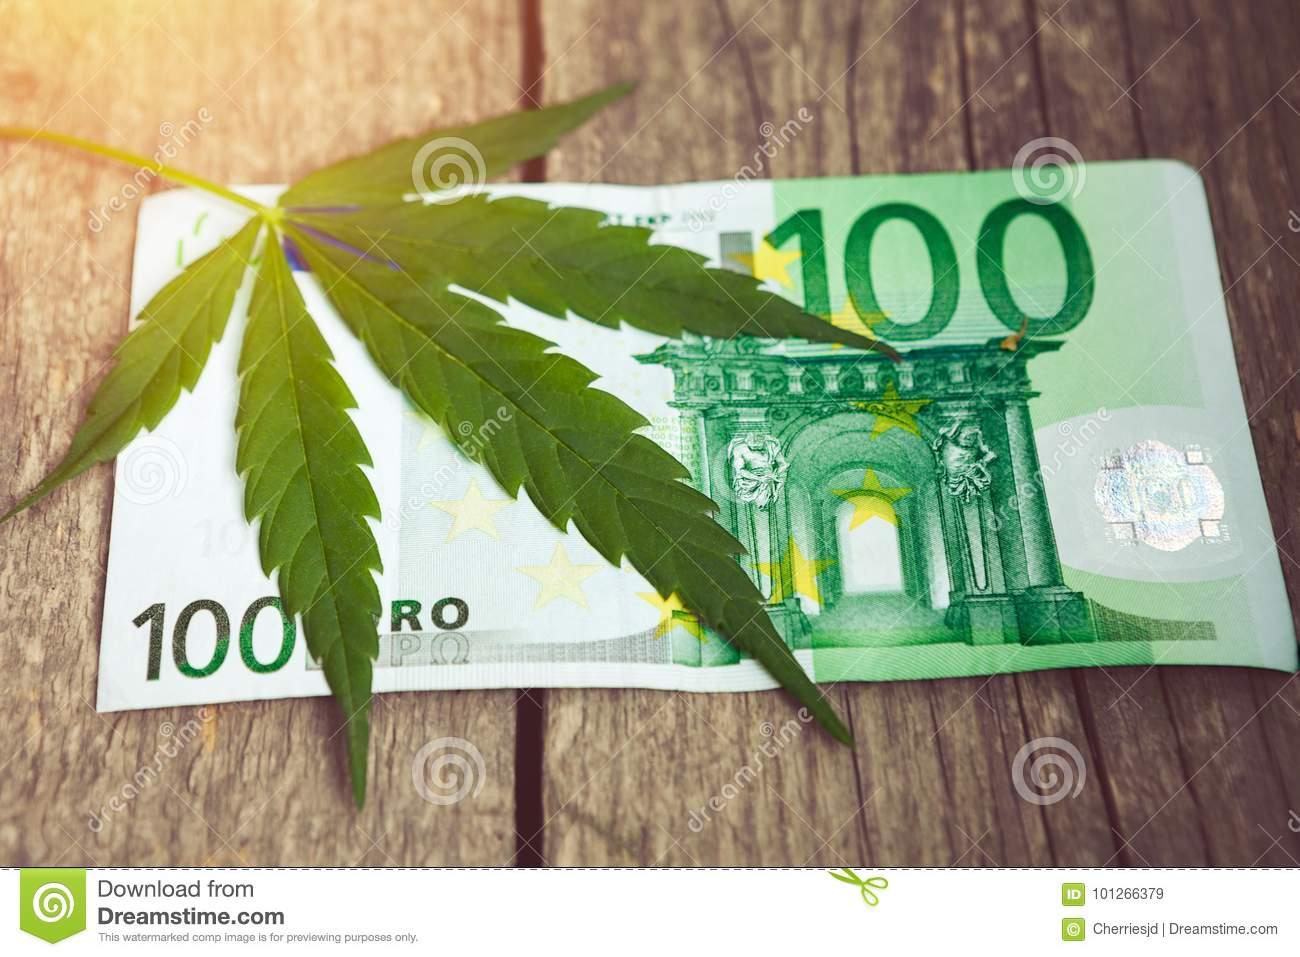 feuille-de-cannabis-sur-l-euro-facture-101266379